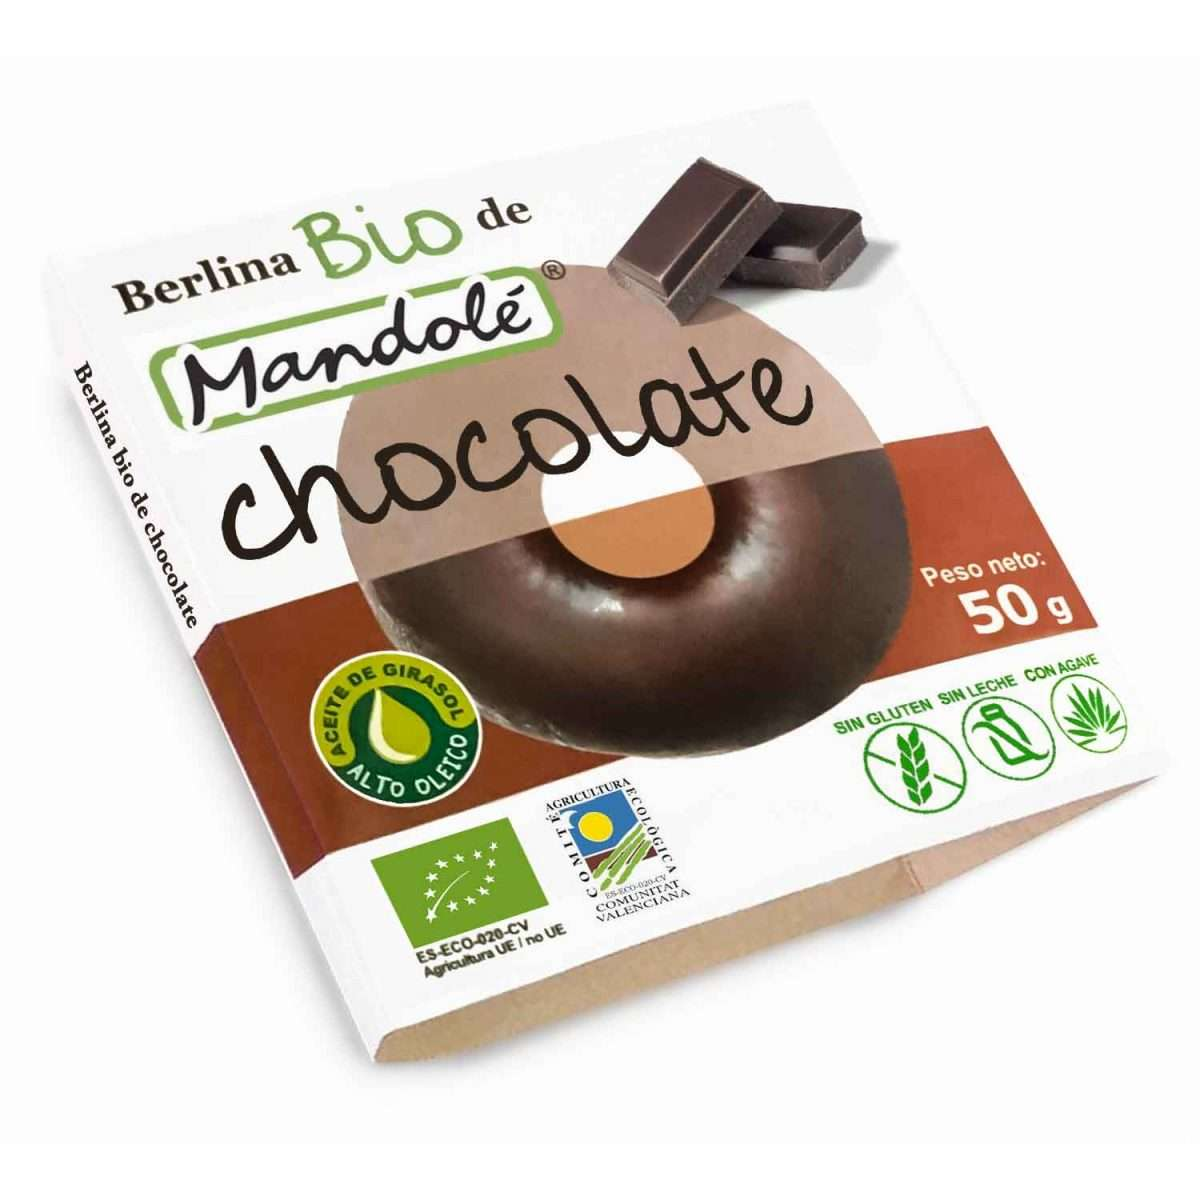 Donut Chocolate Sin gluten Mandole 50g